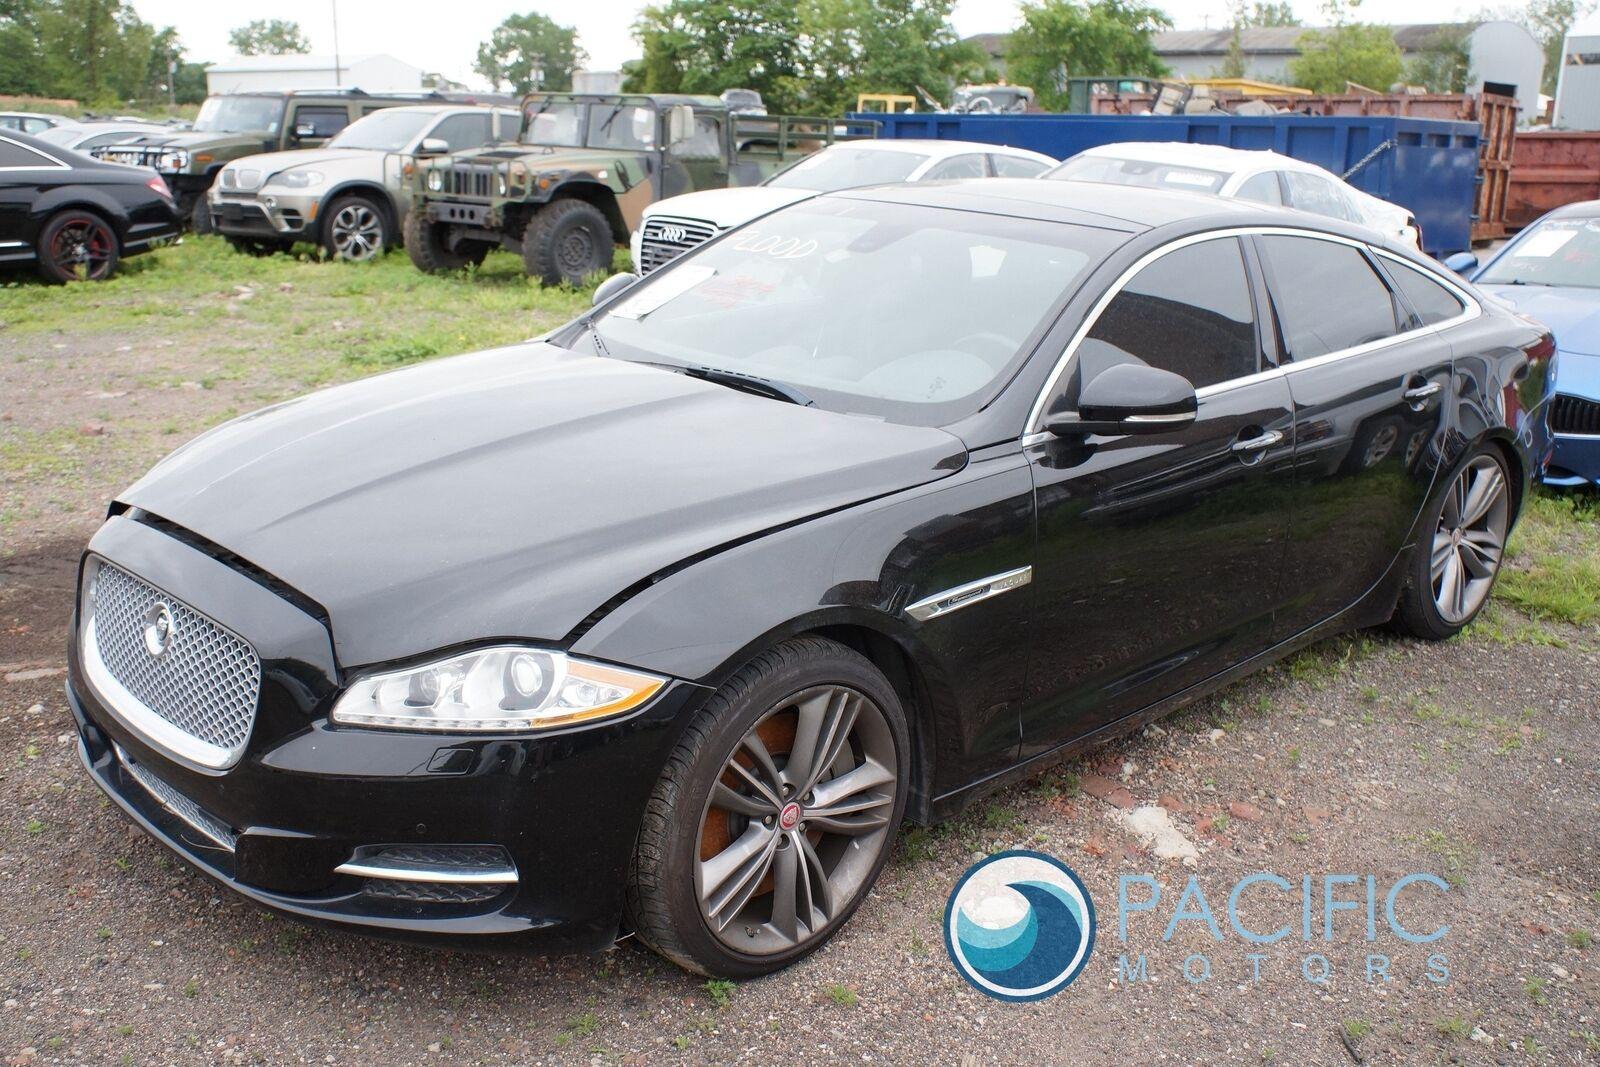 Rear Quarter Trunk Fuse Box Relay Block C2d2465 Aw9314a073bc Jaguar 2011 Xj Xjl